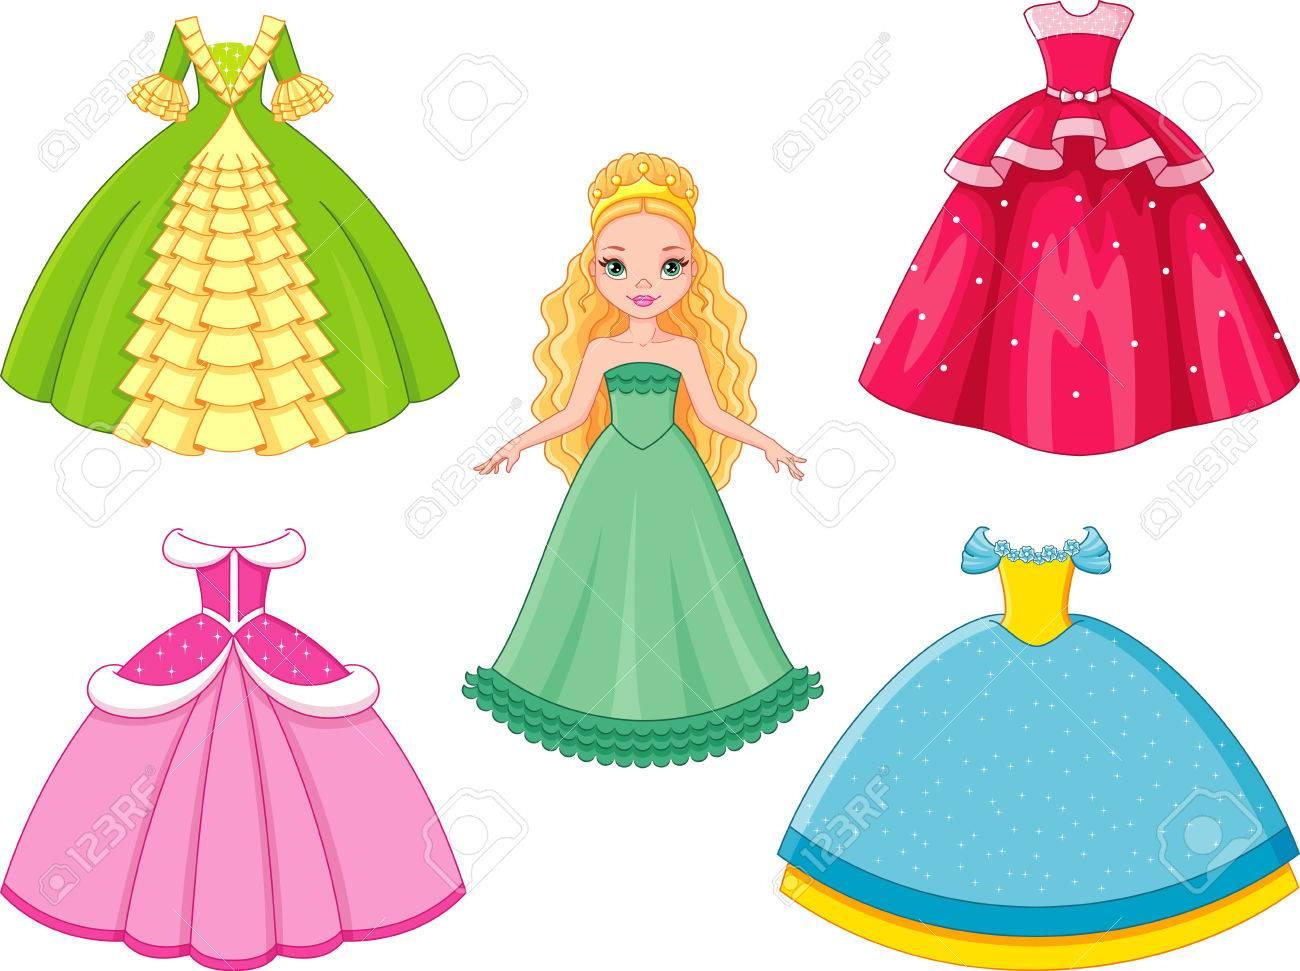 プリンセス ドレス イラスト , ぬりえキッズ